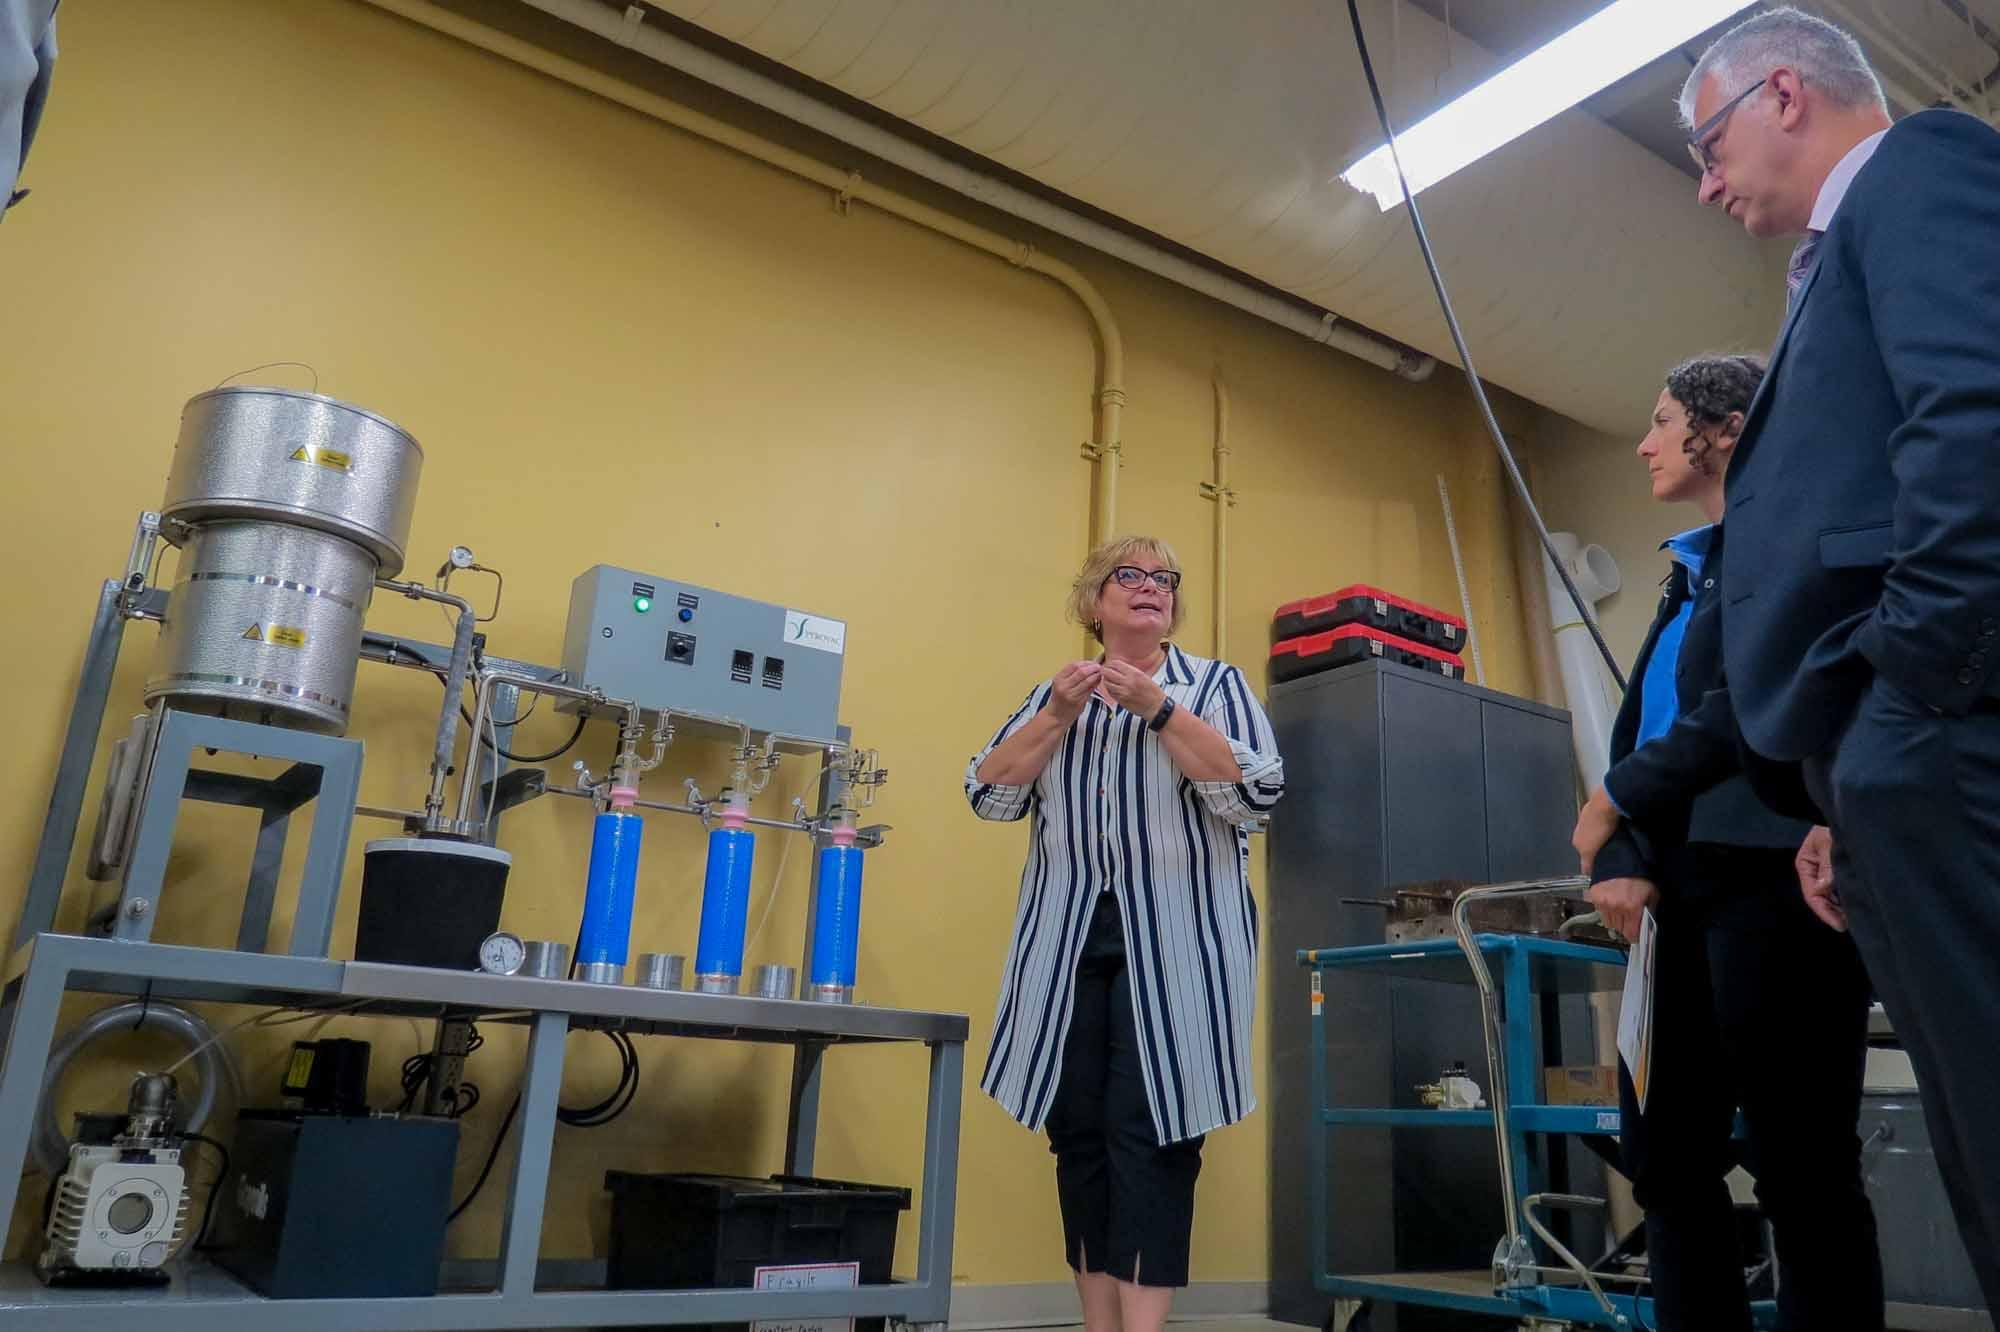 Janic Lauzon, directrice du CDCQ, explique l'utilisation d'un des nouveaux appareils, un réacteur à pyrolyse. À droite, on reconnaît le député d'Argenteuil-La Petite Nation, Stéphane Lauzon.